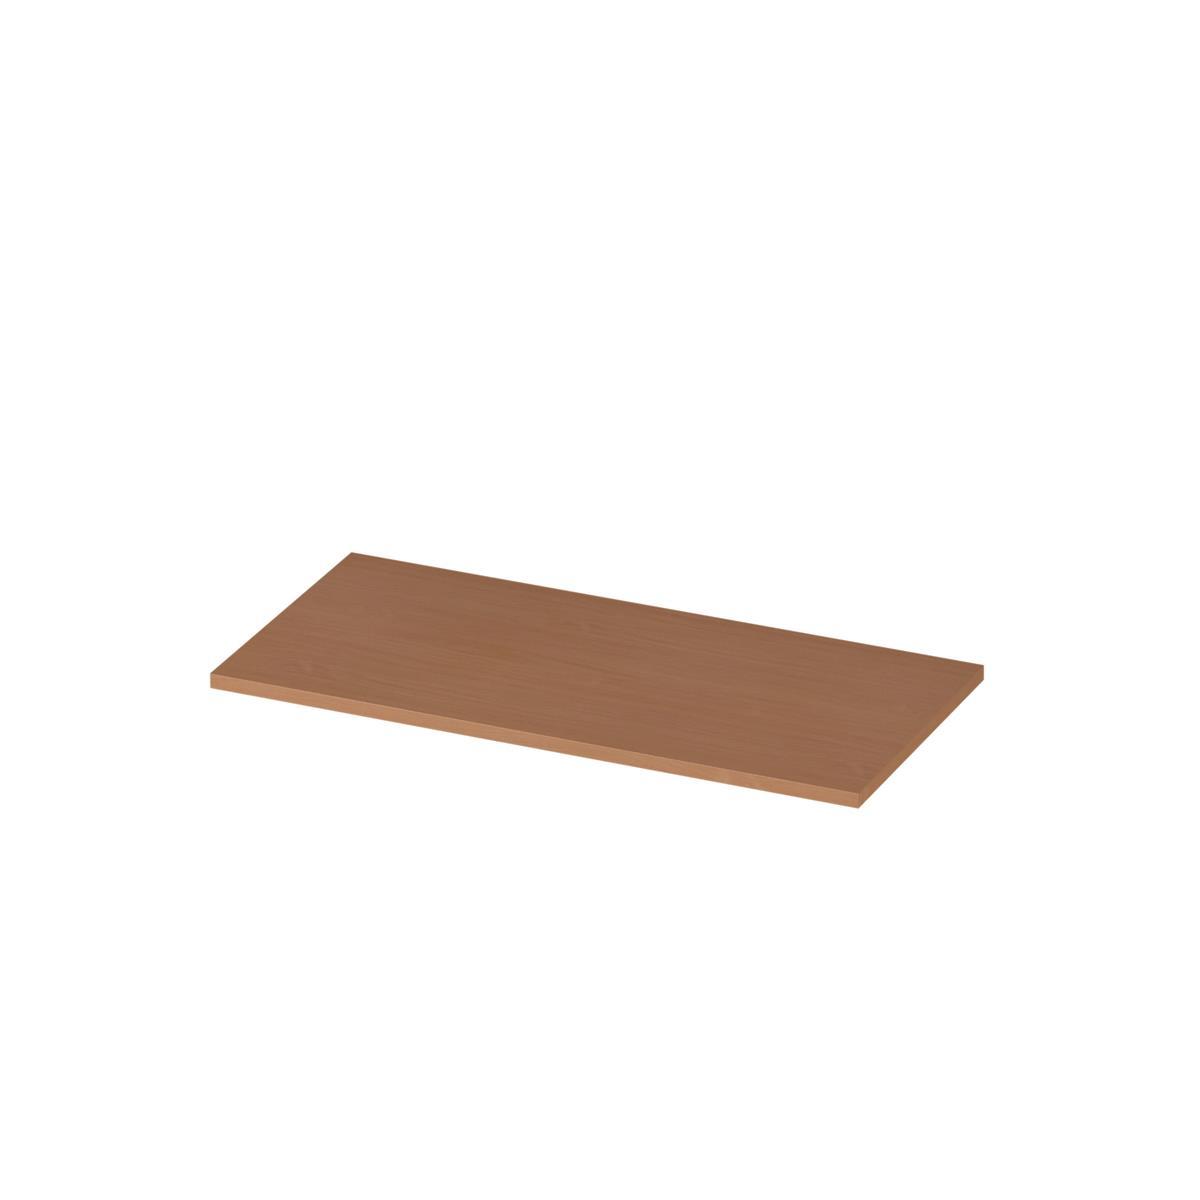 Image for Trexus Shelves 800mm 1 Shelf Beech